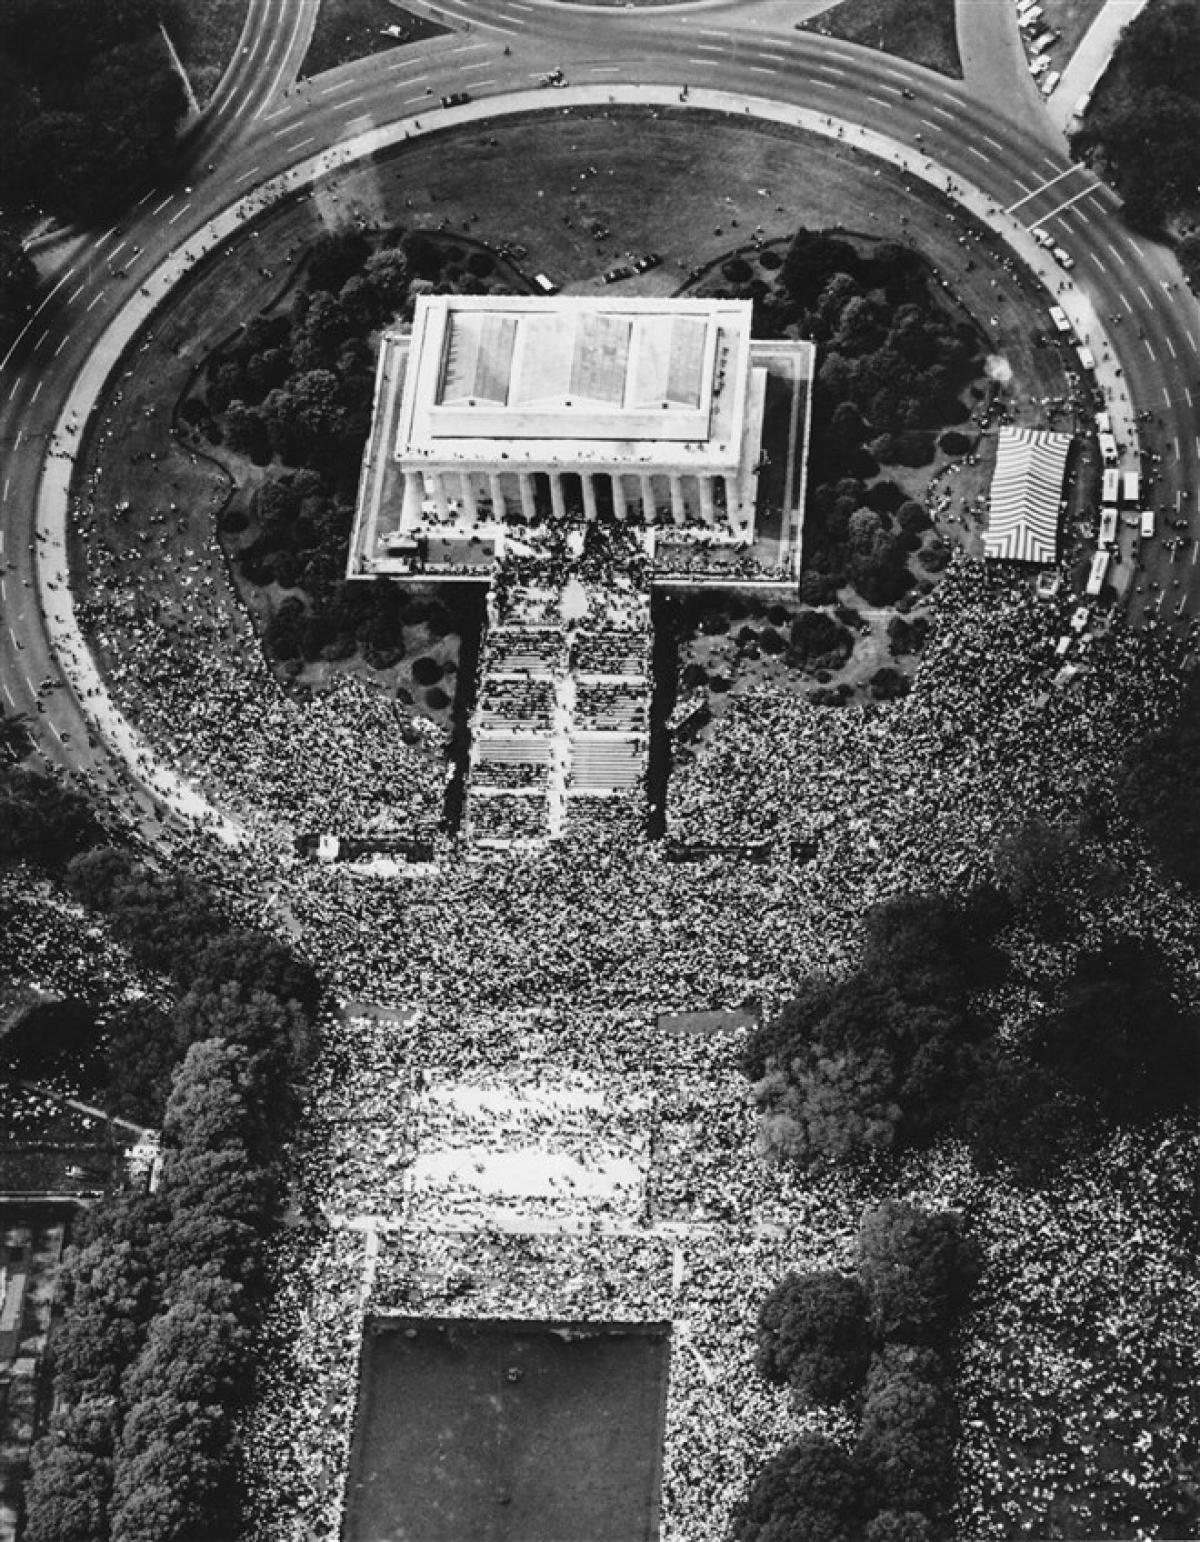 """Đám đông tập trung tại Đài tưởng niệm Lincoln để theo dõi bài phát biểu """"Tôi có một giấc mơ"""" của mục sư King vào ngày 28/8/1963. Ảnh: AP"""